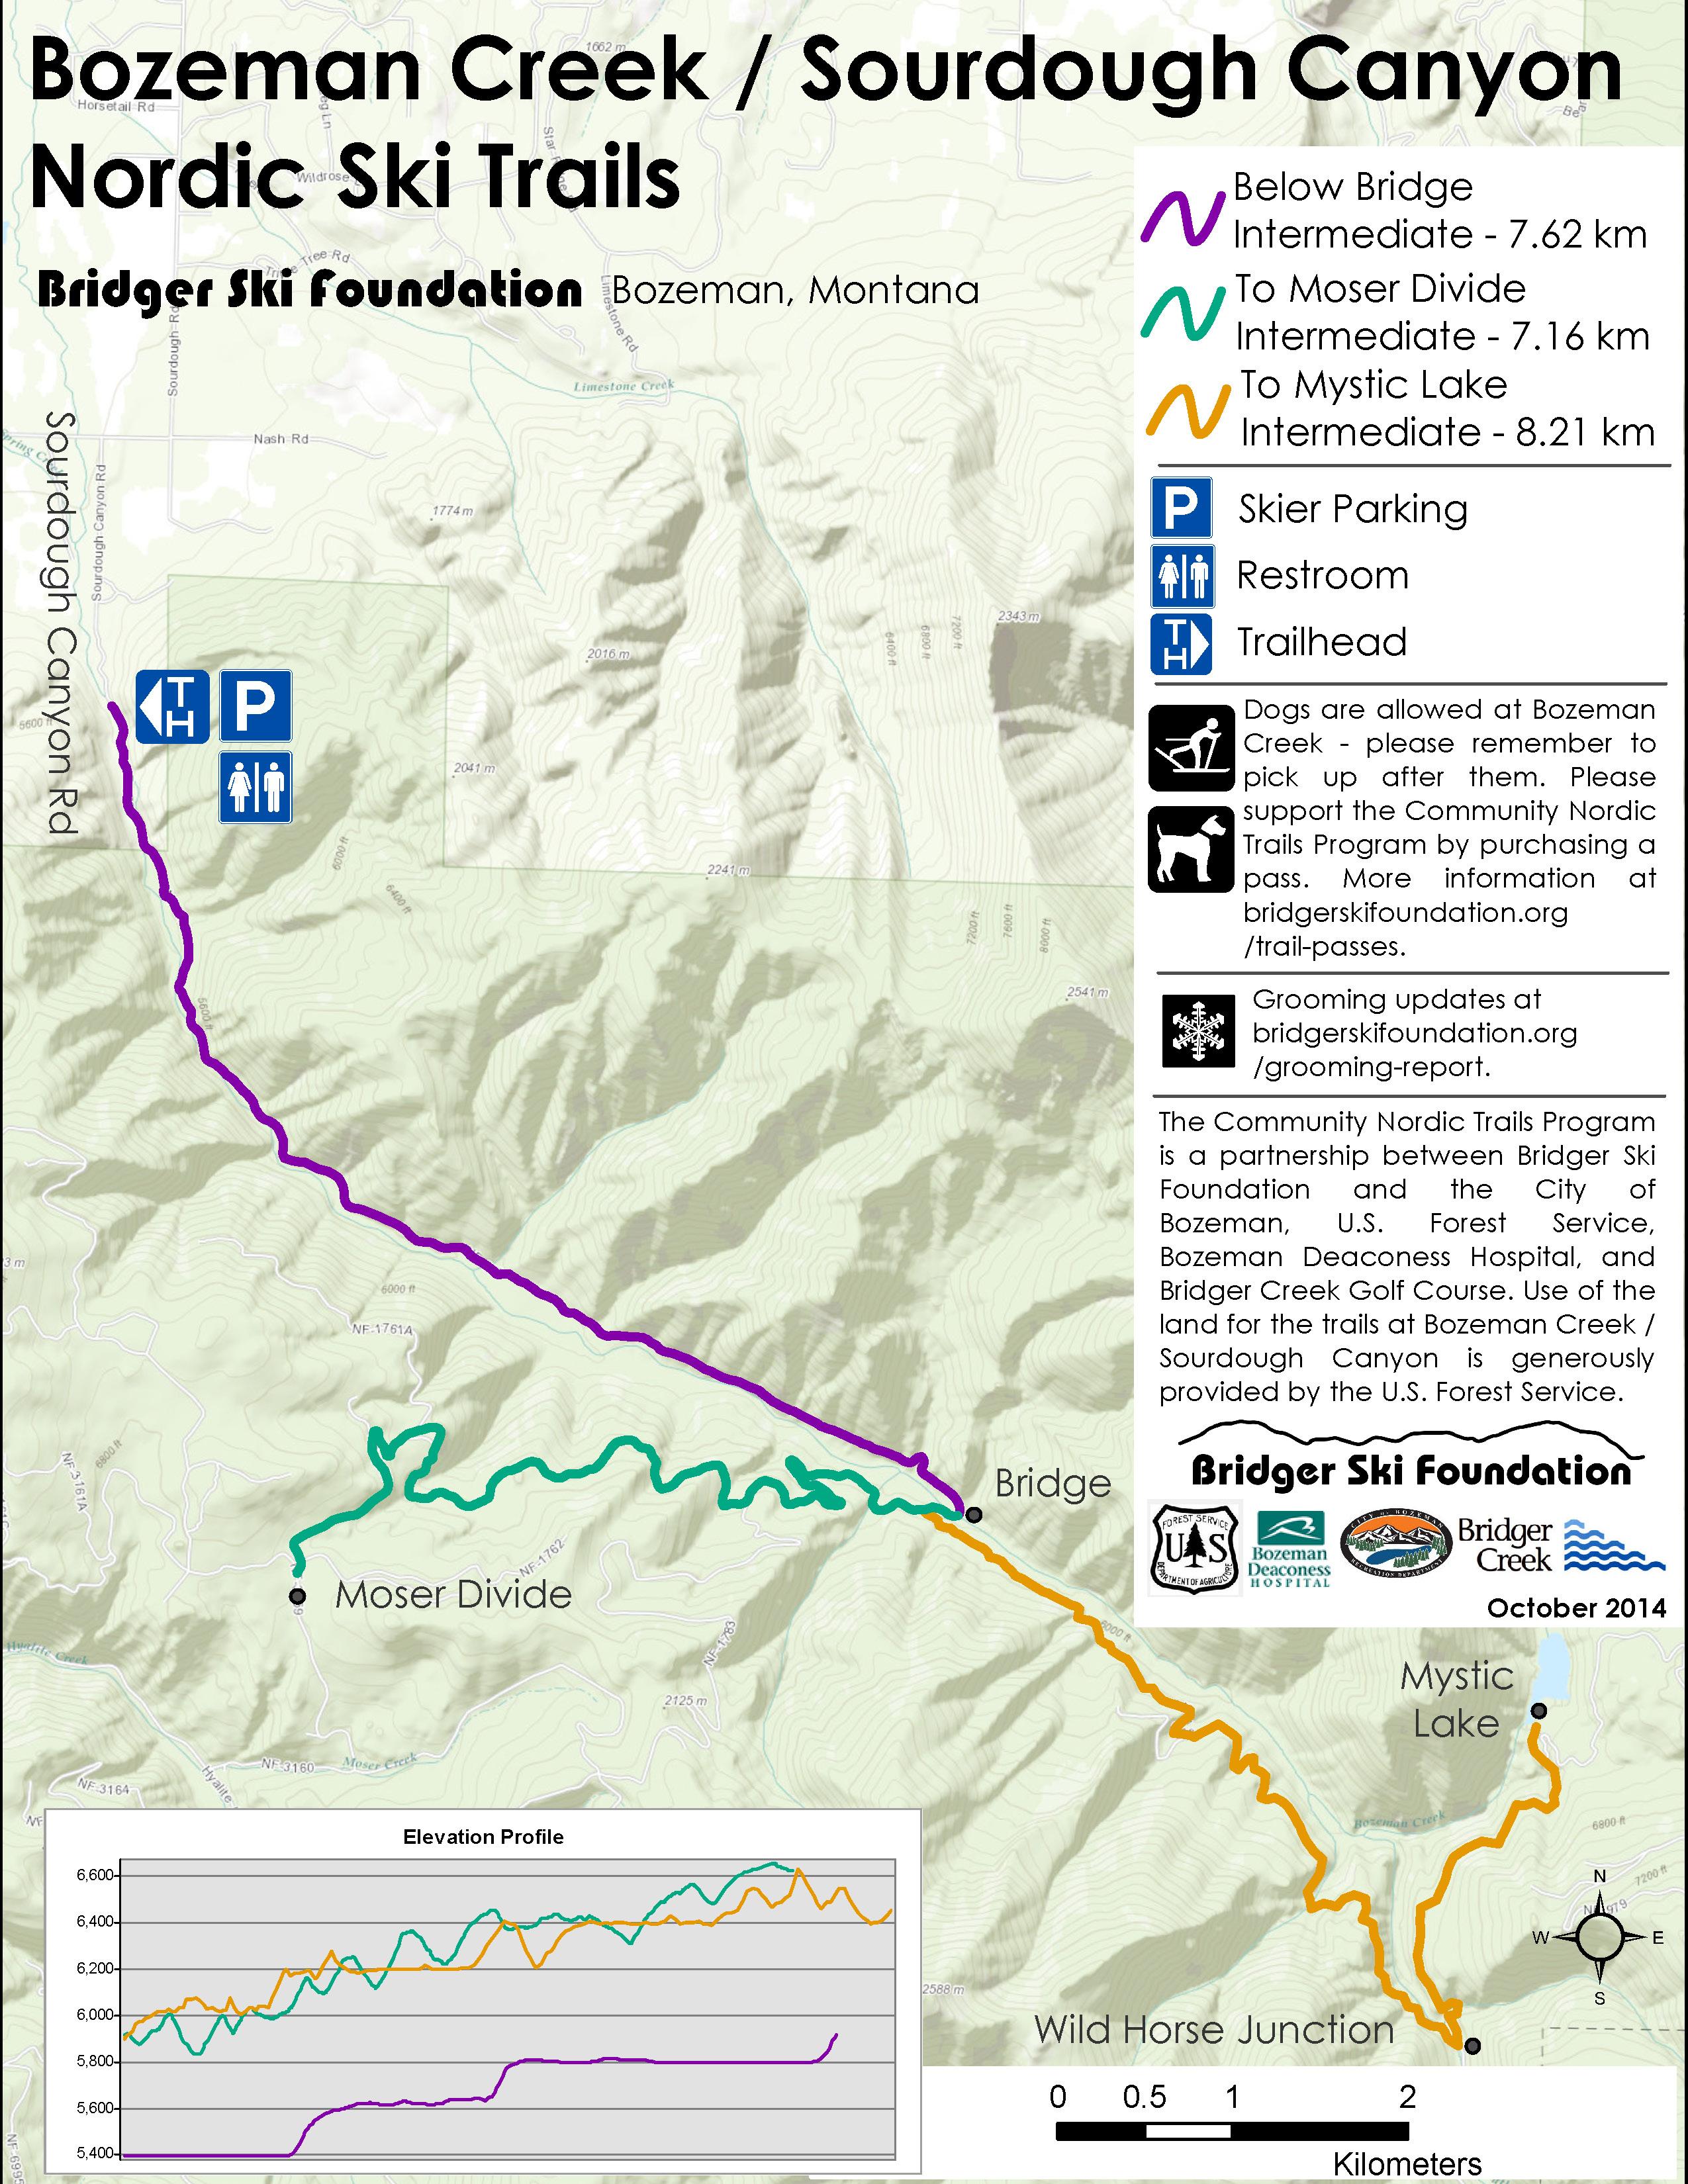 Bozeman Creek Sourdough Canyon Ski Map Bozeman - Julie Carson Photo